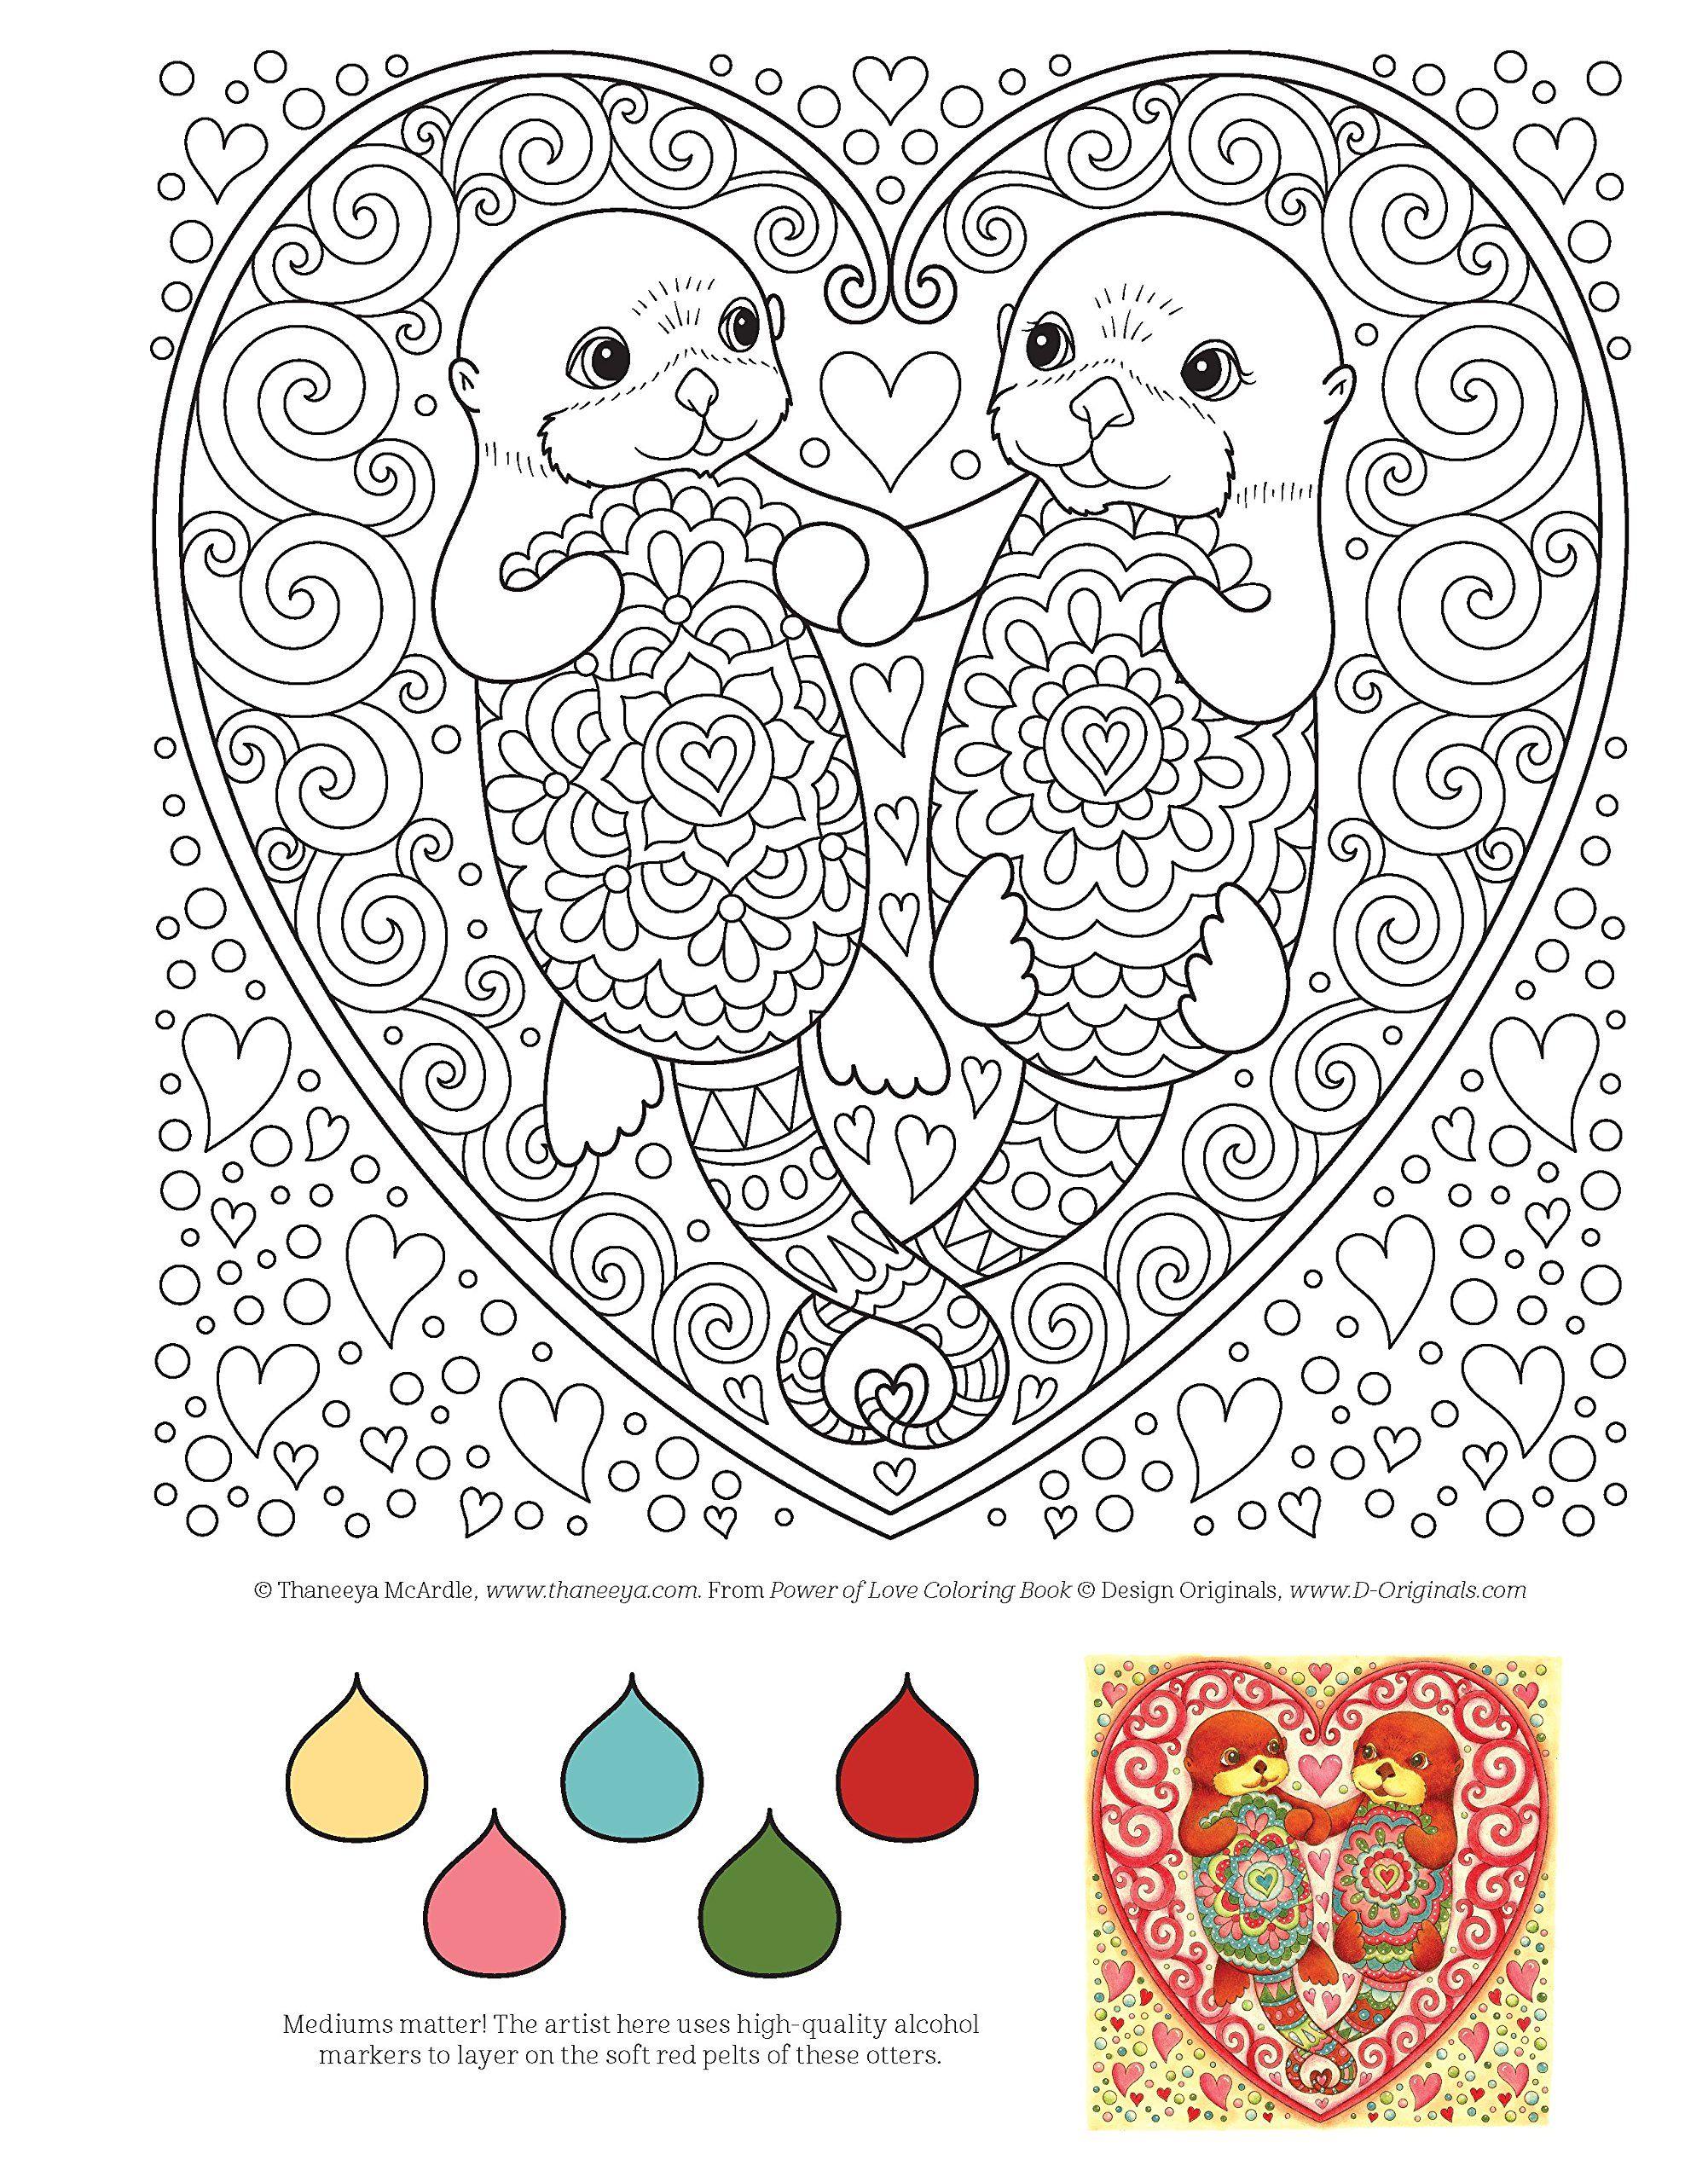 Power Of Love Coloring Book Coloring Is Fun Amazon De Thaneeya Mcardle Fremdspr Kostenlose Erwachsenen Malvorlagen Mandala Zum Ausdrucken Malbuch Vorlagen